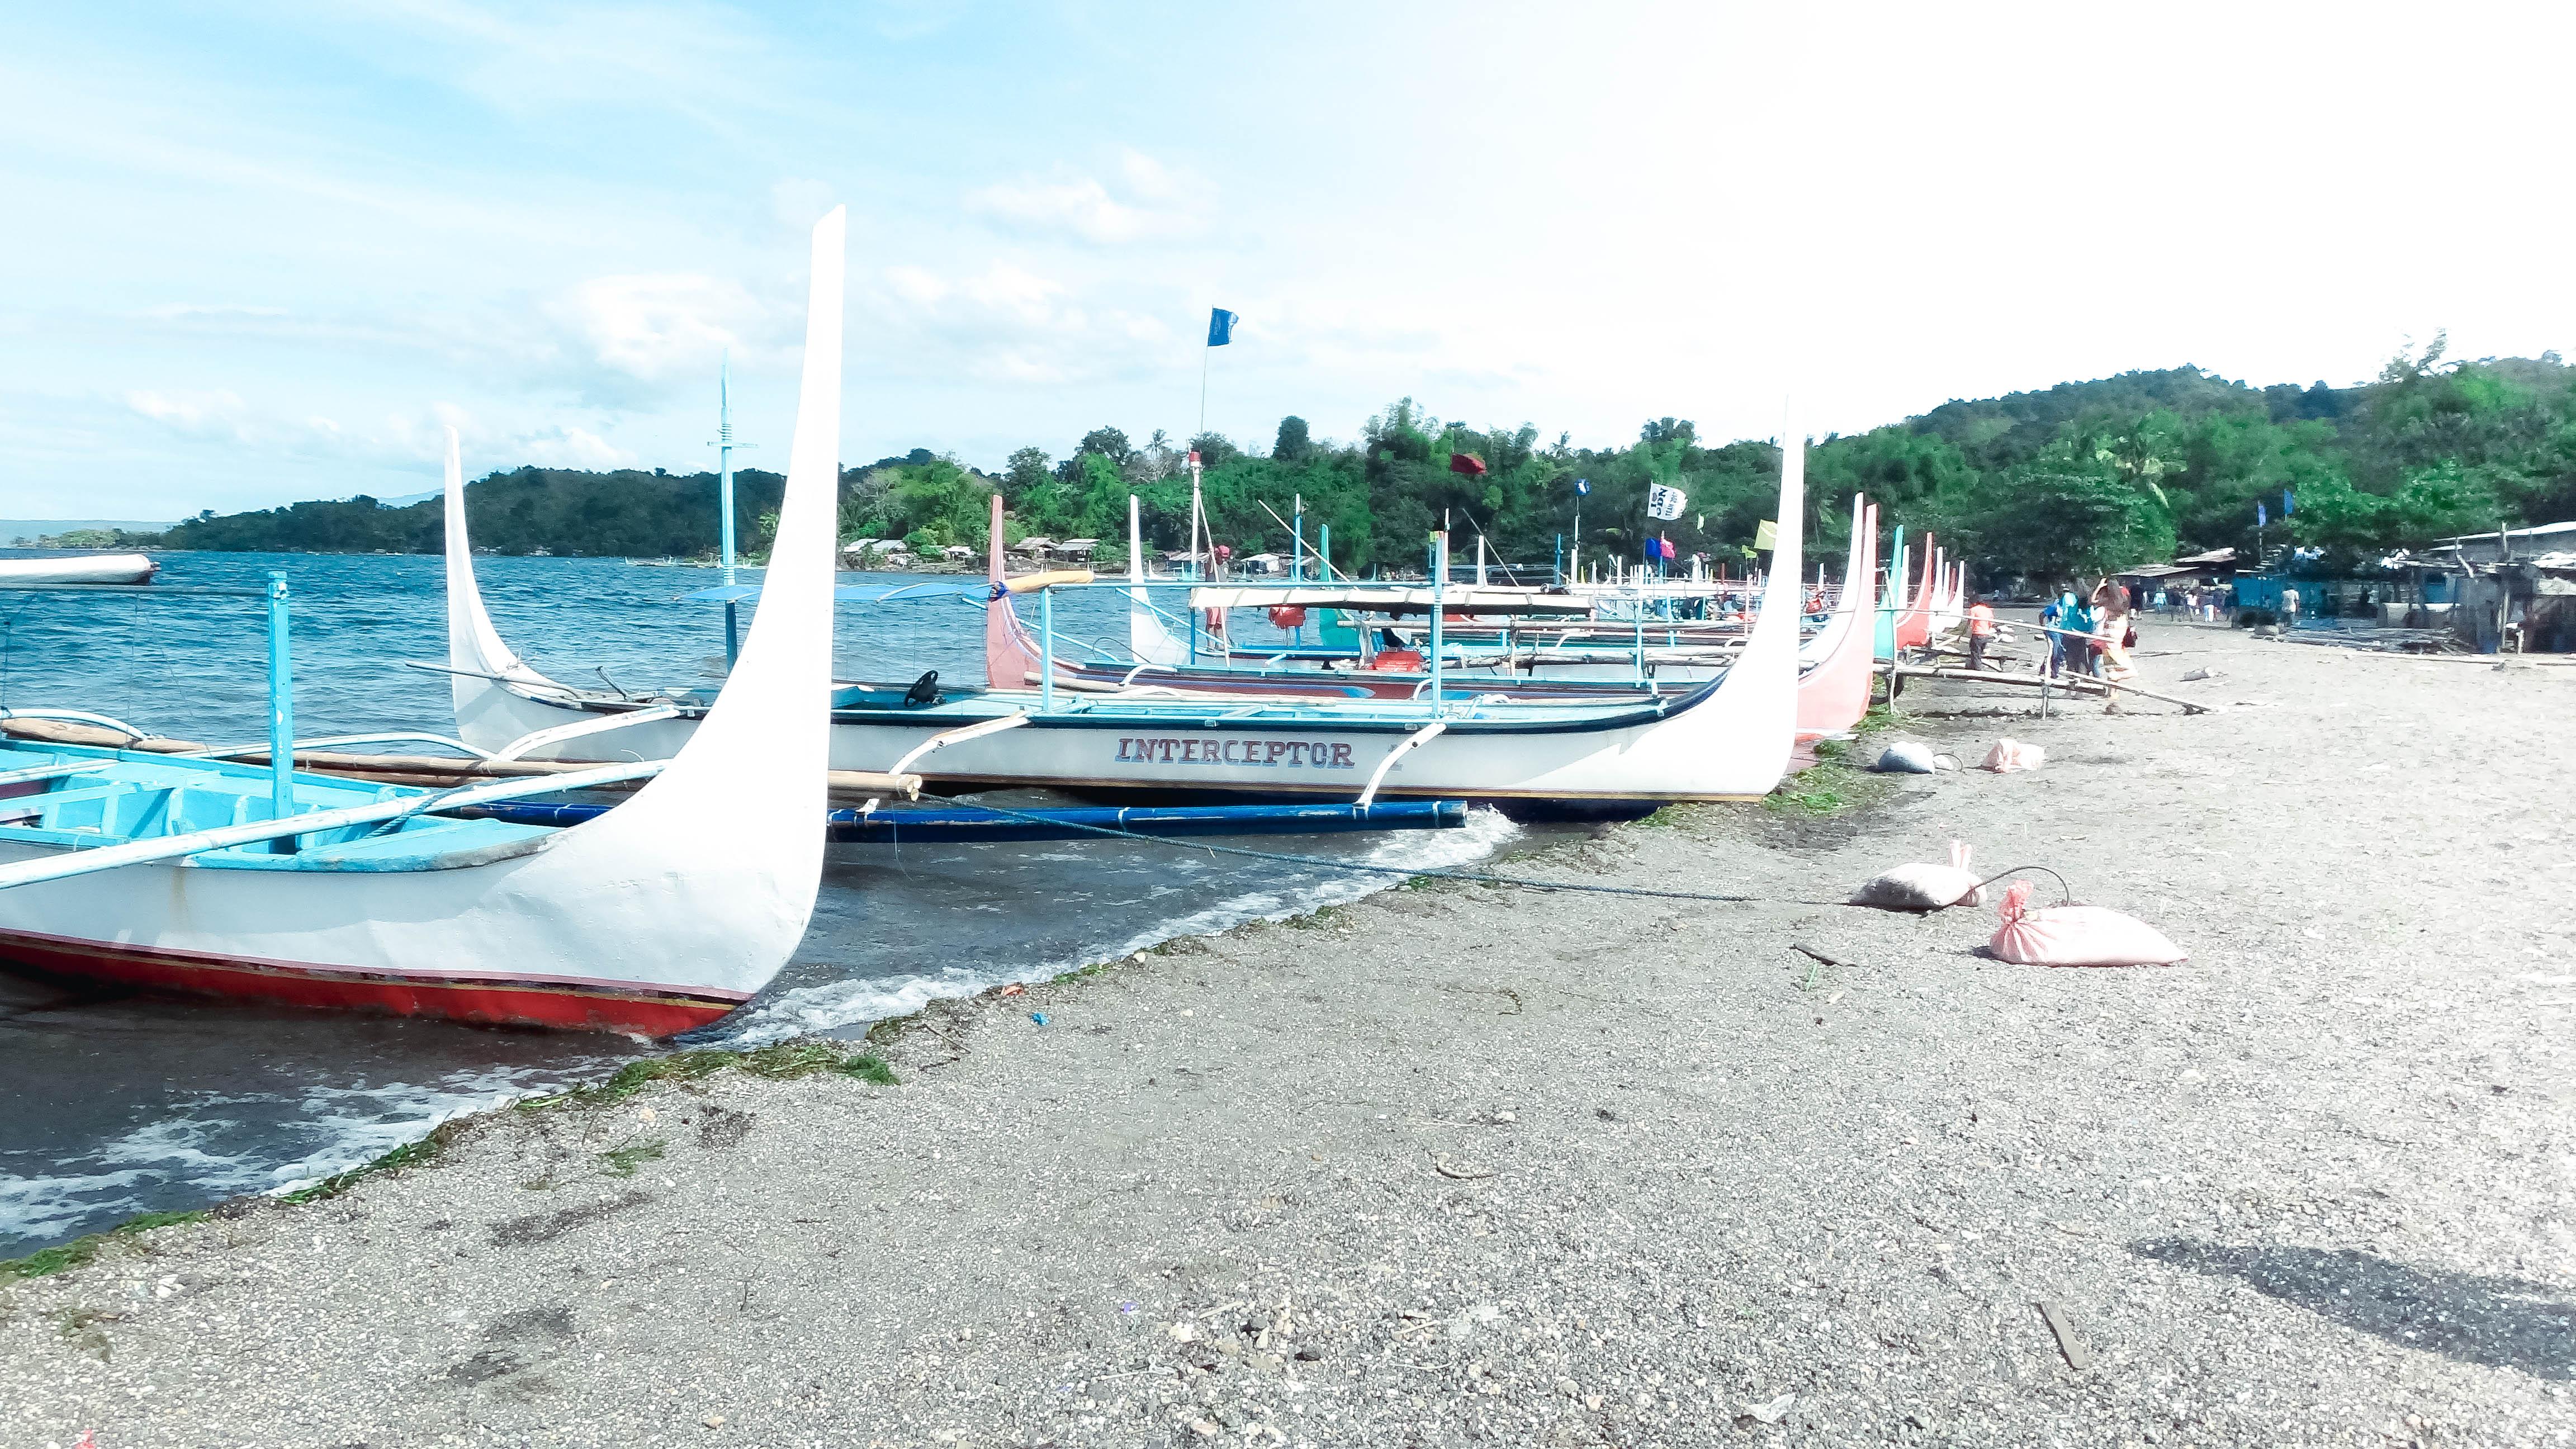 Boats in Tagaytay Lake